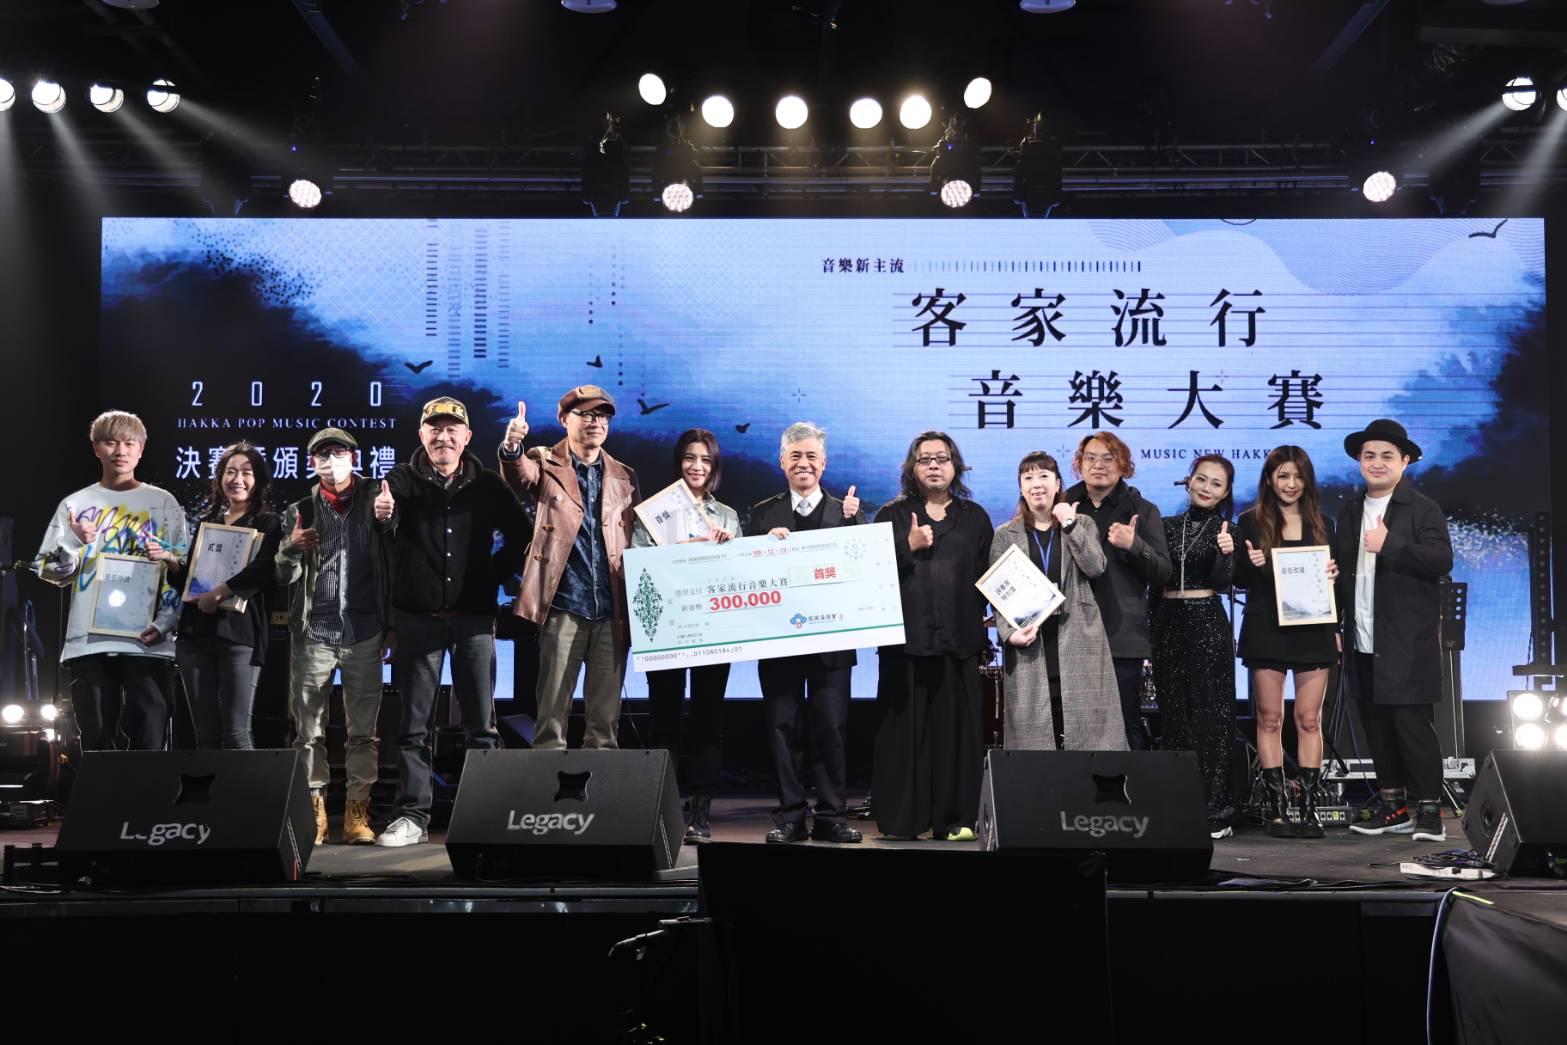 「2020客家流行音樂大賽」得獎名單公布  首獎:黃宇寒HAN、貳獎:王喬尹、叁獎:葉穎Leaf Yeh